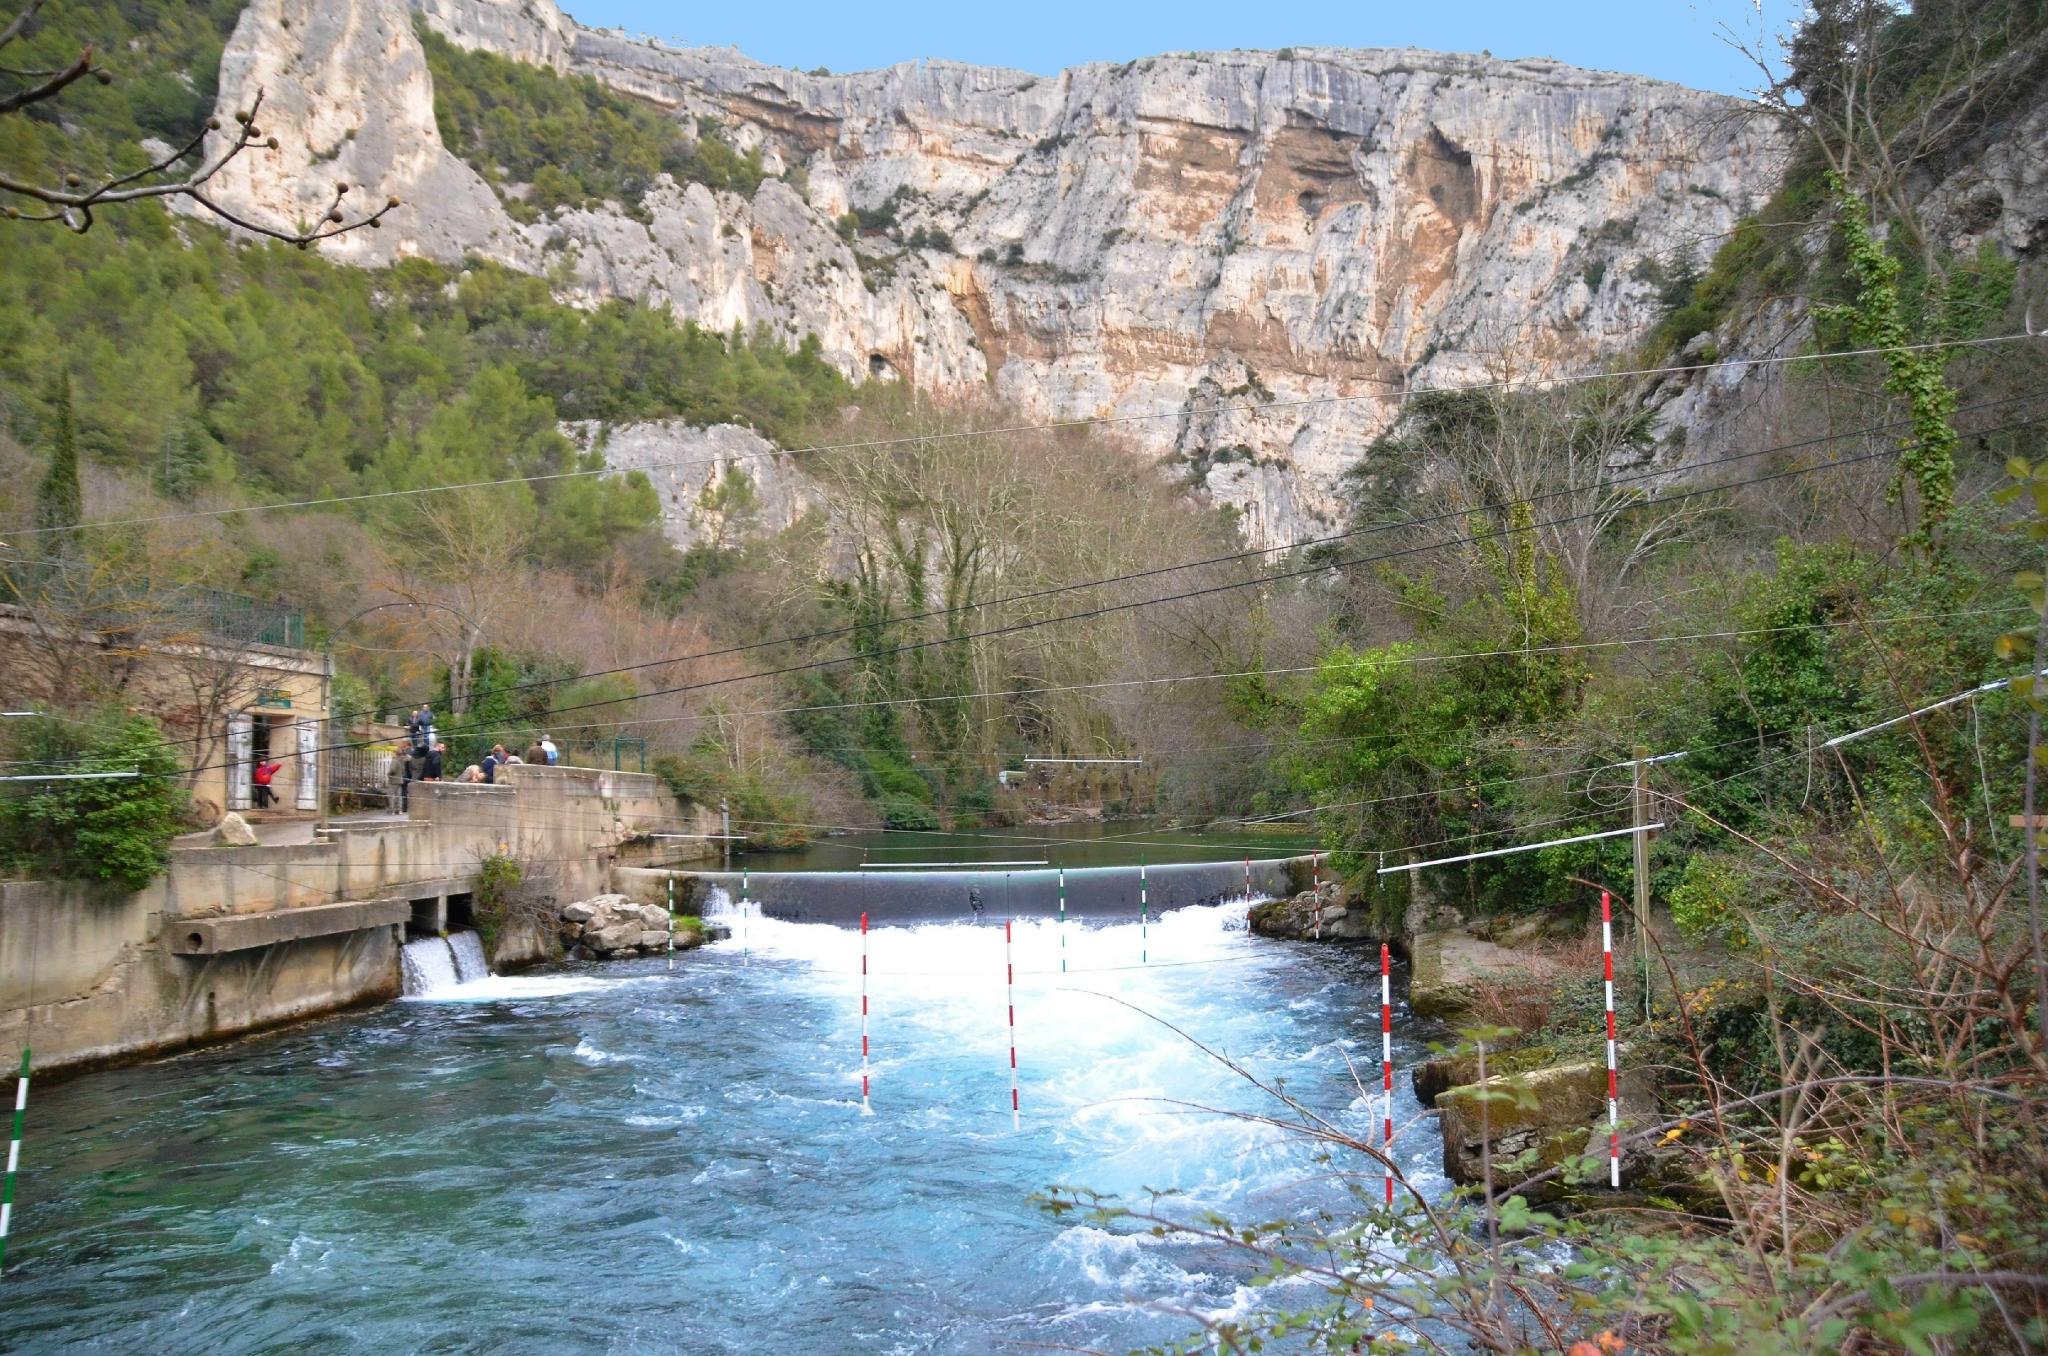 Fontaine de Vaucluse et son moulin à papier